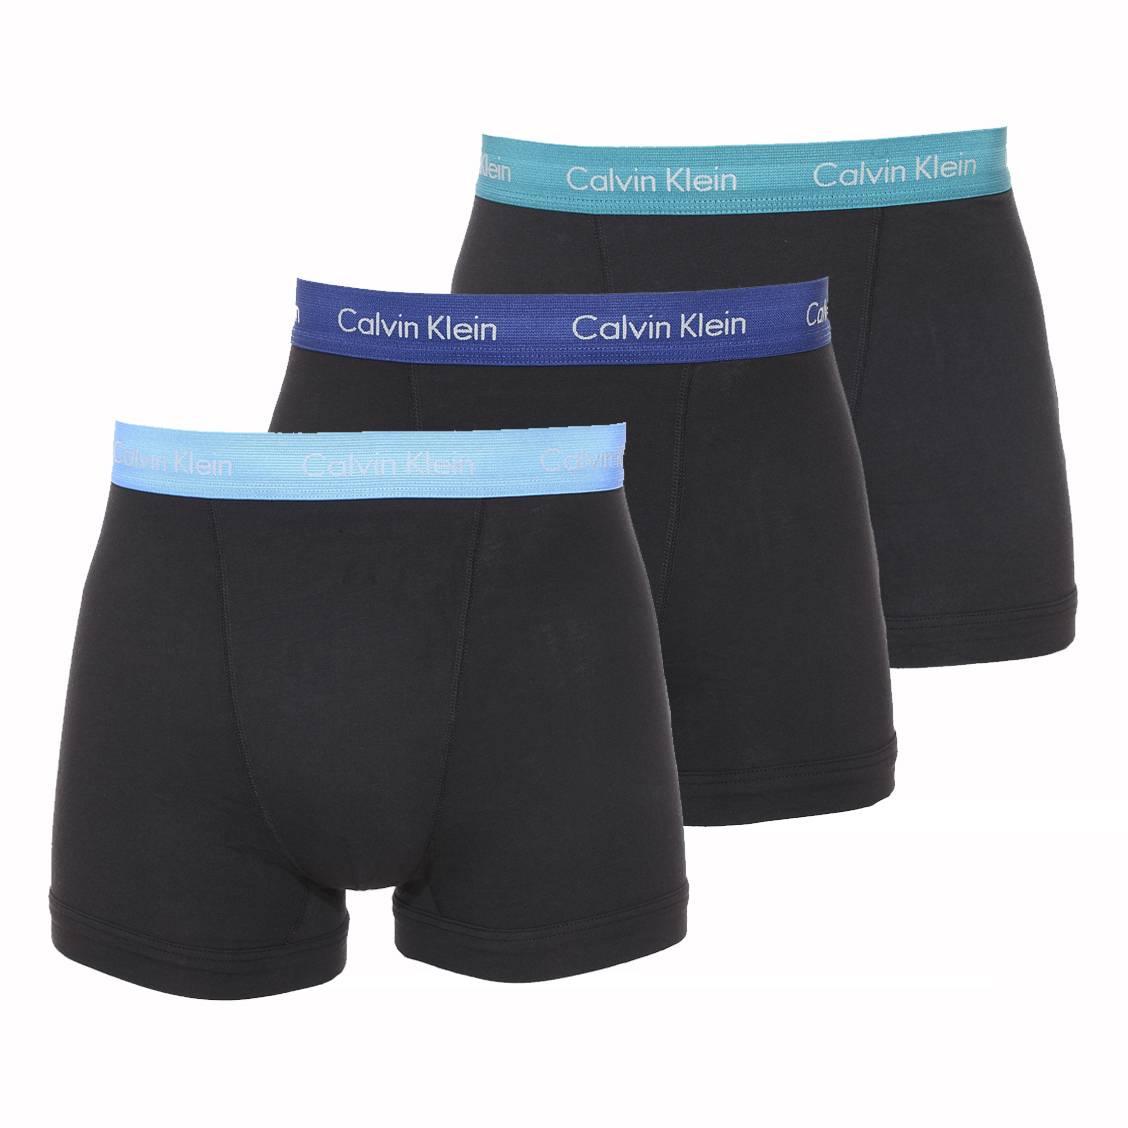 lot de 3 boxers calvin klein en coton stretch noir ceinture verte bleu clair et bleu marine. Black Bedroom Furniture Sets. Home Design Ideas